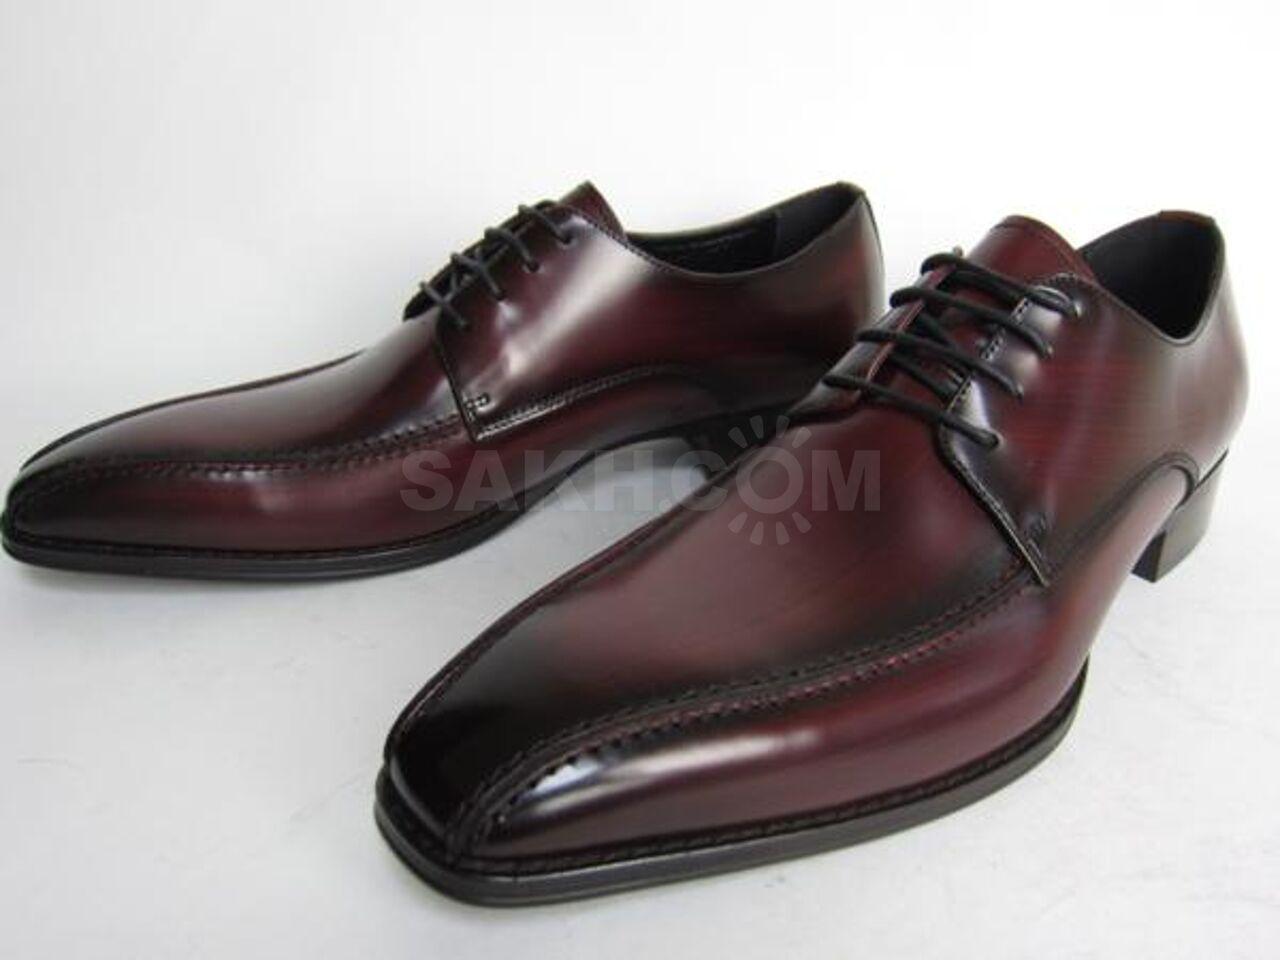 8eae6d833 продам мужские туфли 46-47 япония новые японский размер 30 (Южно-Сахалинск)